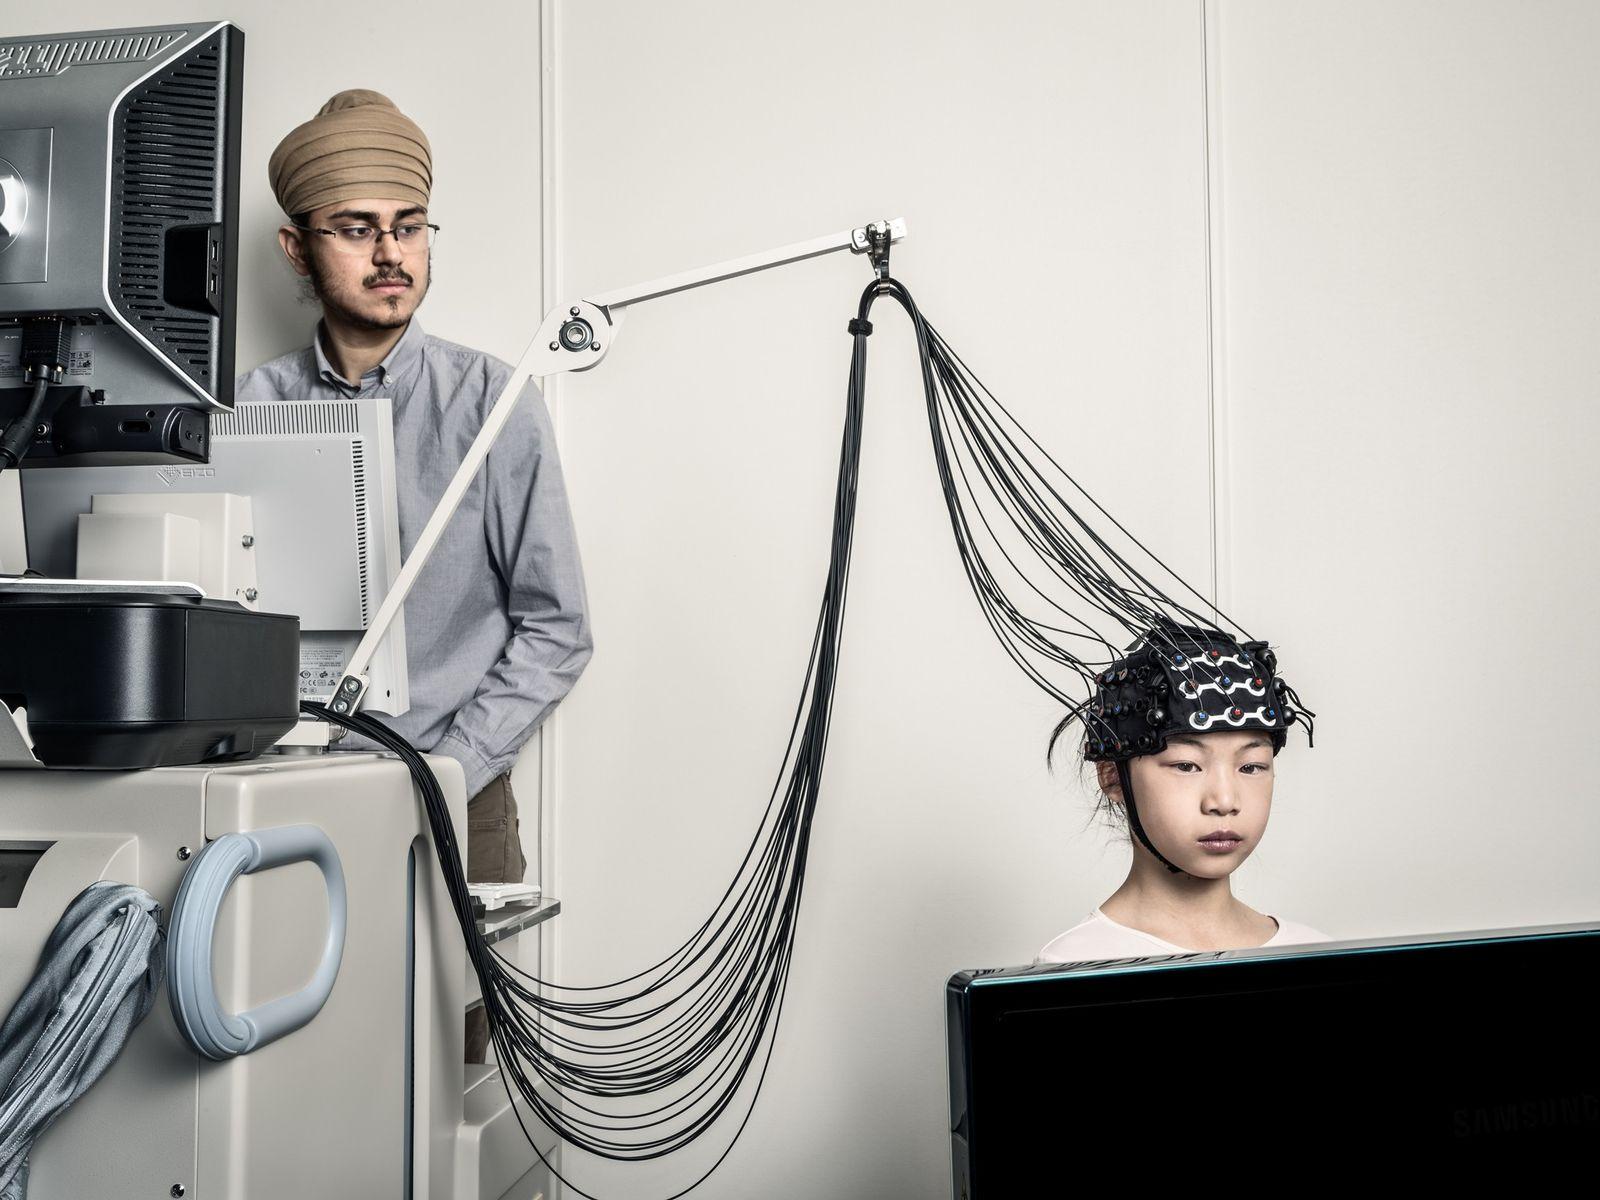 Lügen zu lernen ist ein natürlicher Schritt in der Entwicklung eines Kindes. Kang Lee, ein Psychologe ...